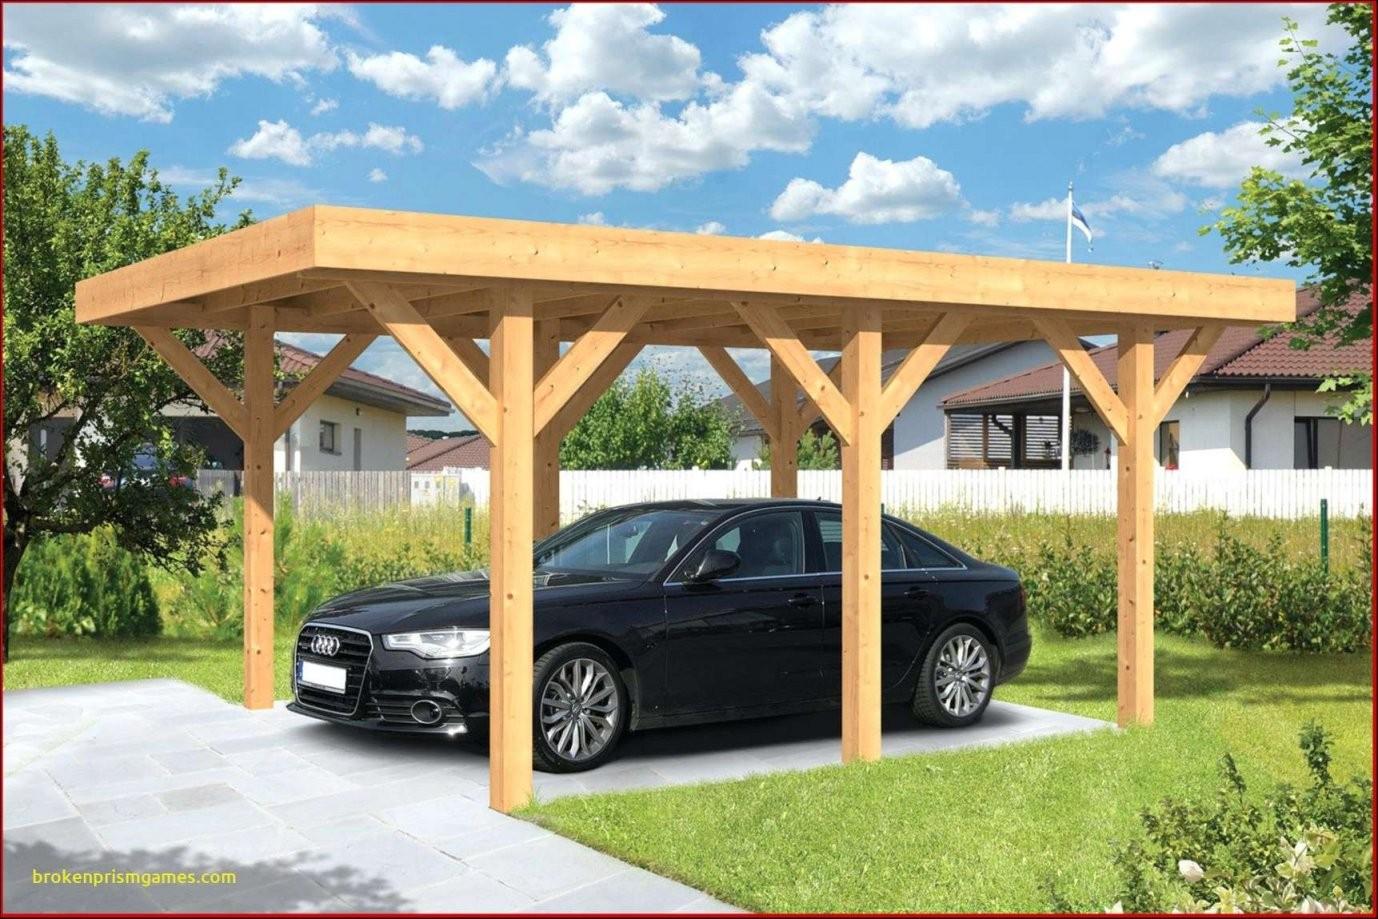 45 Kollektion Carport Selber Bauen Pic  Vervollständigen Sie Die von Pavillon Selber Bauen Flachdach Bild